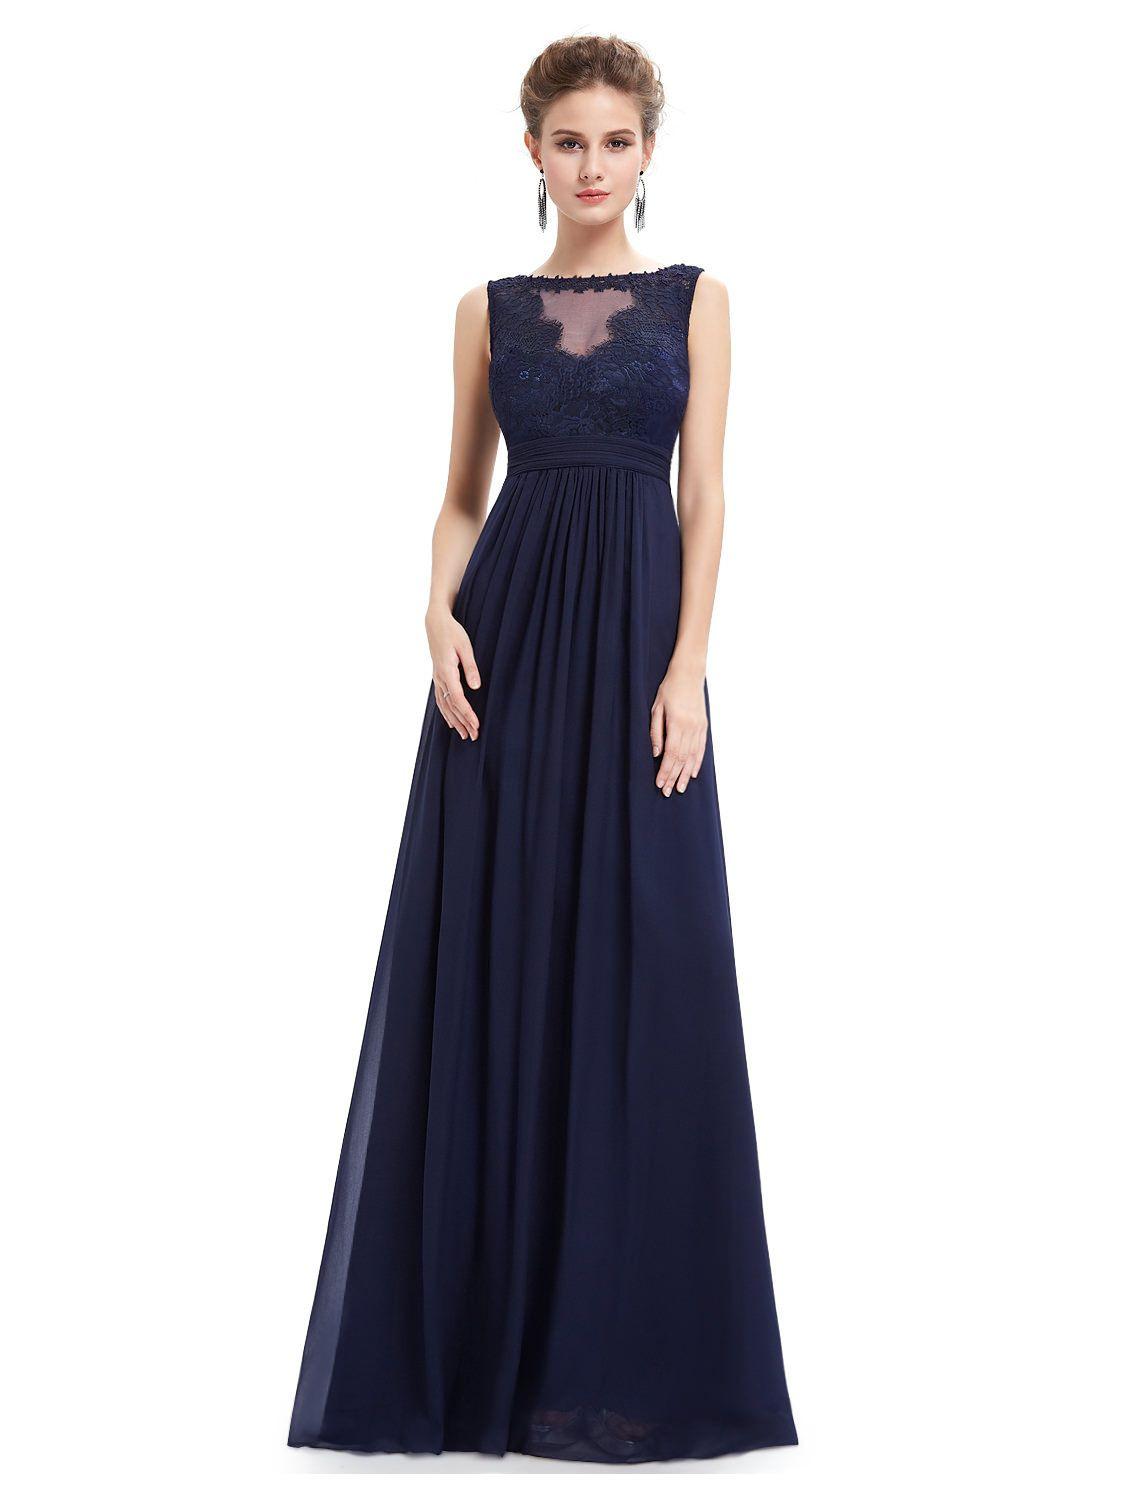 10 Spektakulär Dunkelblaues Bodenlanges Kleid für 2019Abend Erstaunlich Dunkelblaues Bodenlanges Kleid Vertrieb